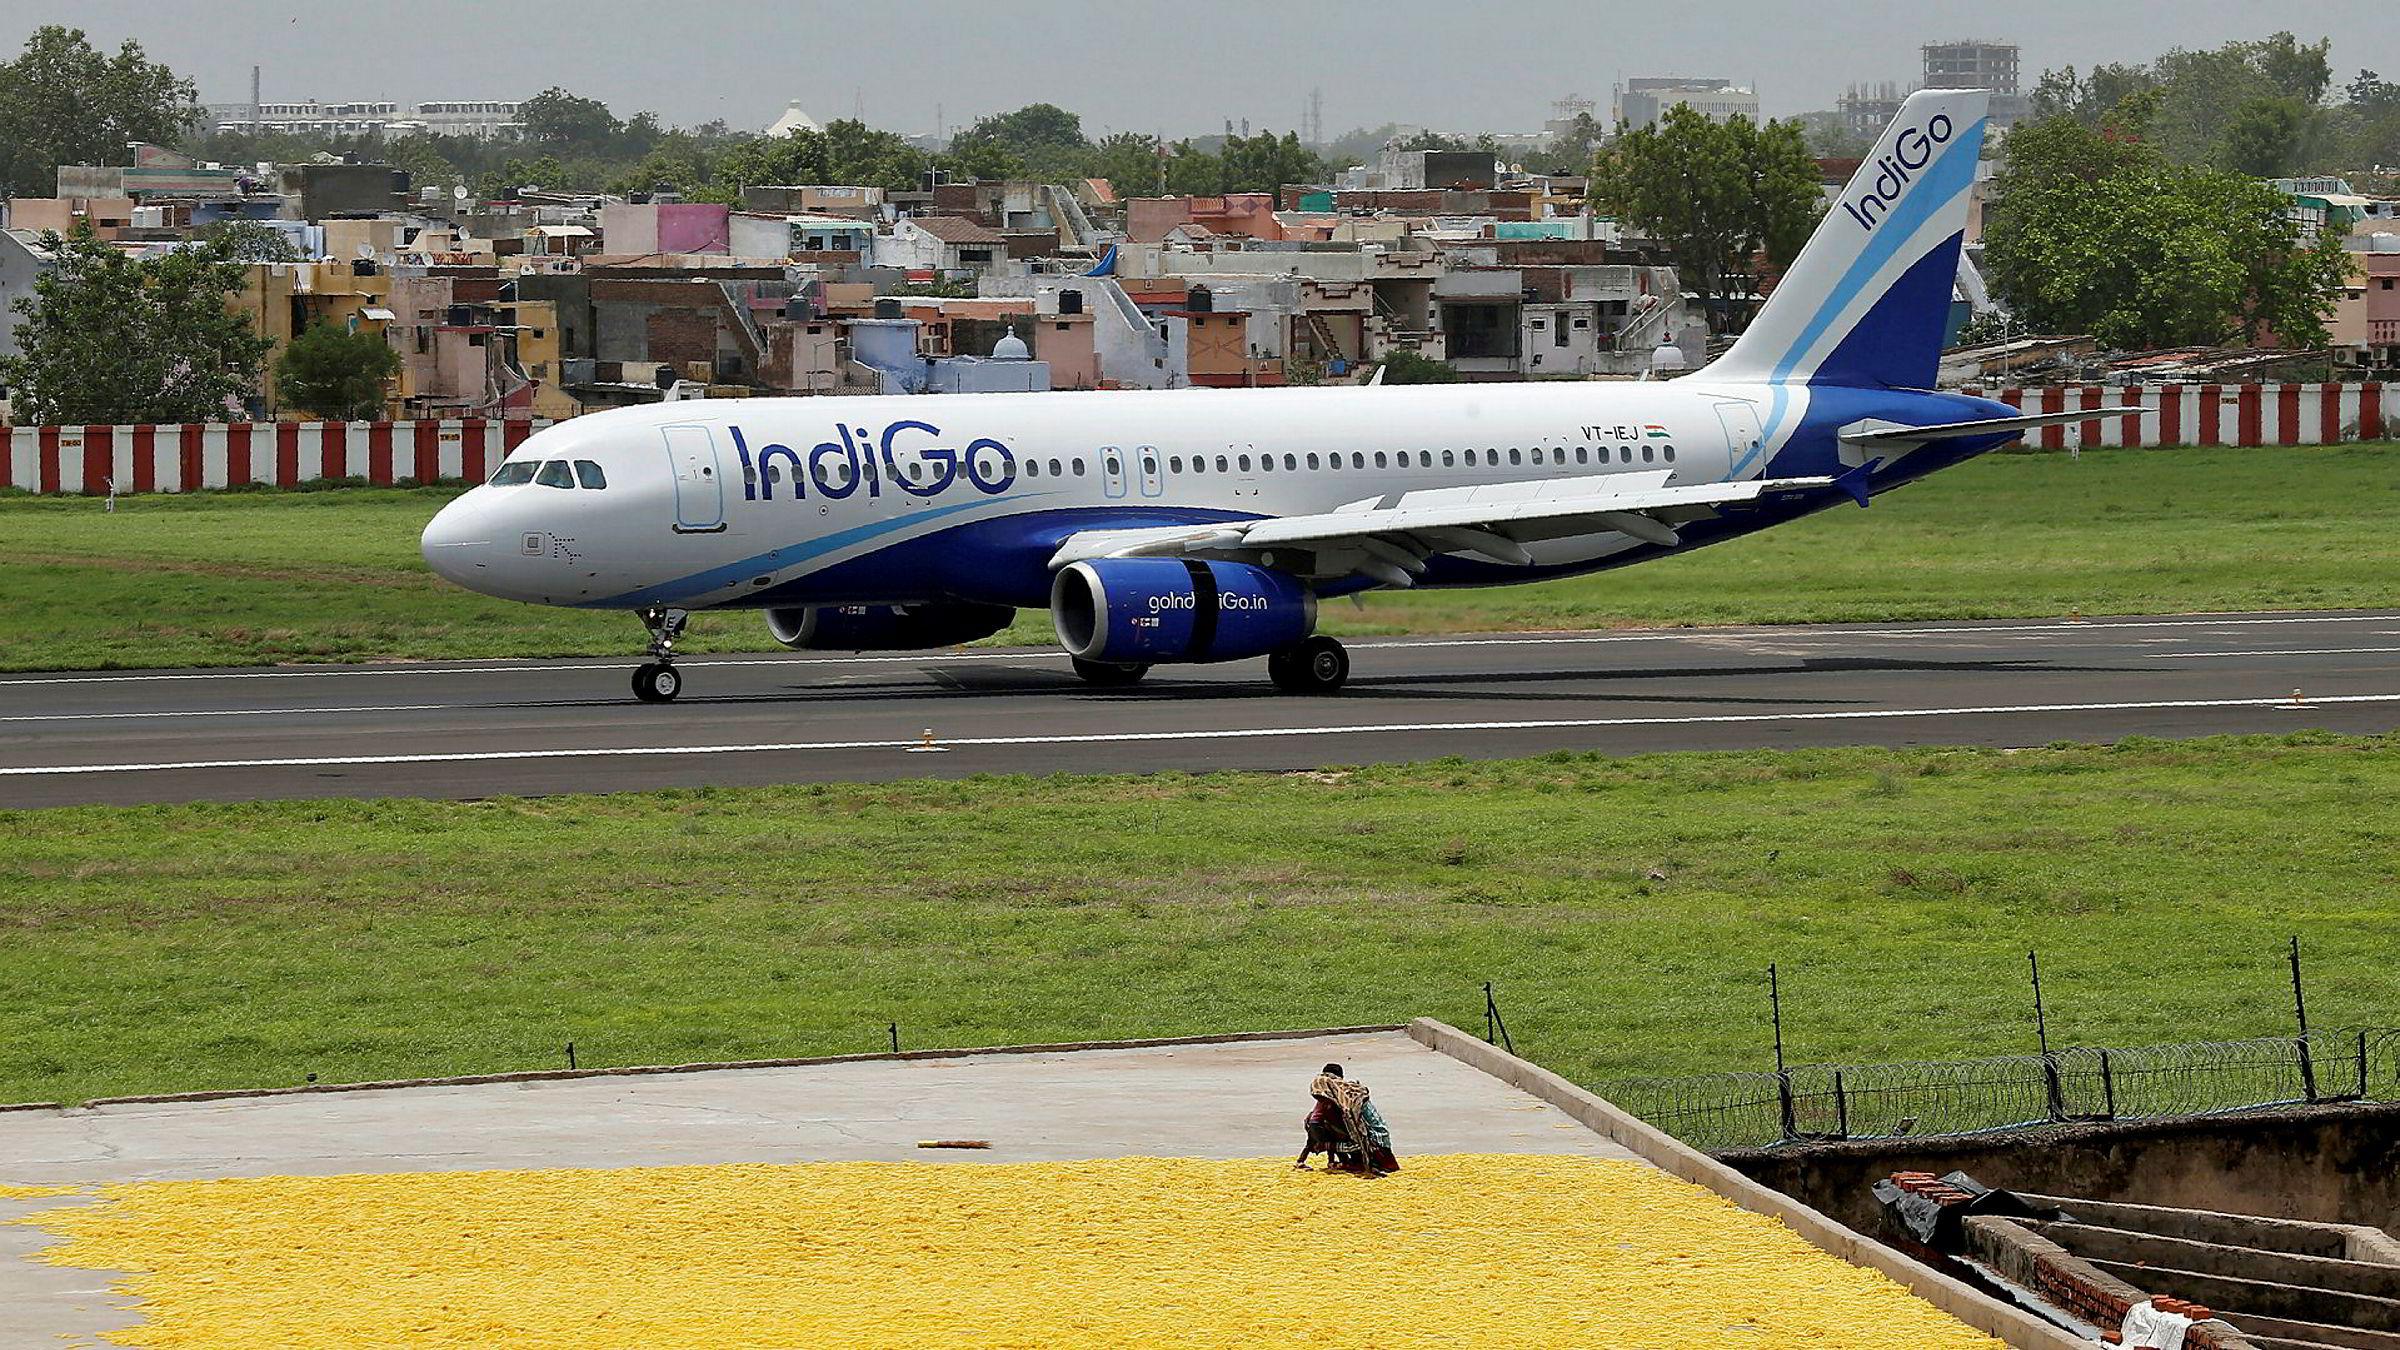 Det indiske lavprisflyselskapet IndiGo har satt inn en rekordstor enkeltordre på Airbus-fly verdt nesten 300 milliarder kroner. Airbus har tatt nesten alt av flykontrakter i Asia i år mens Boeings problemfly 737 Max har stått på bakken.